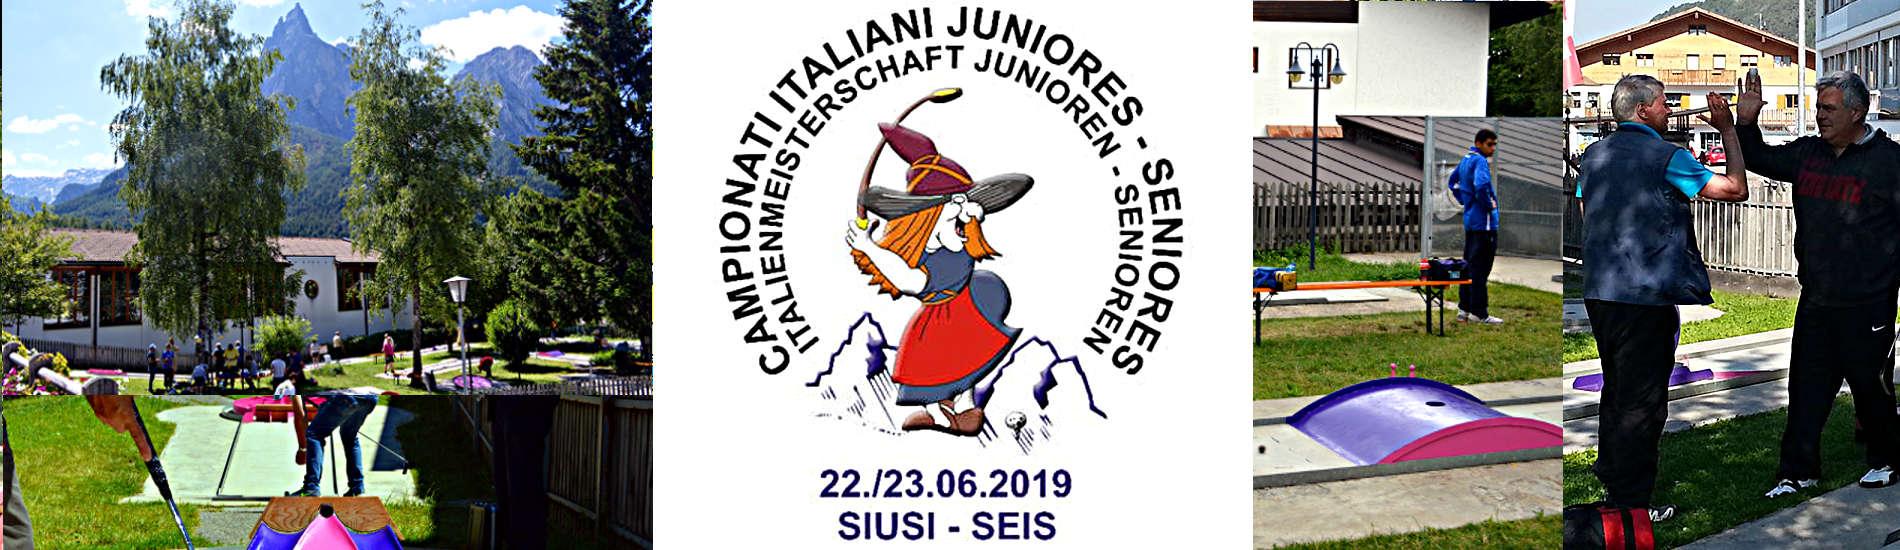 Campionati Junior e Senior 2019